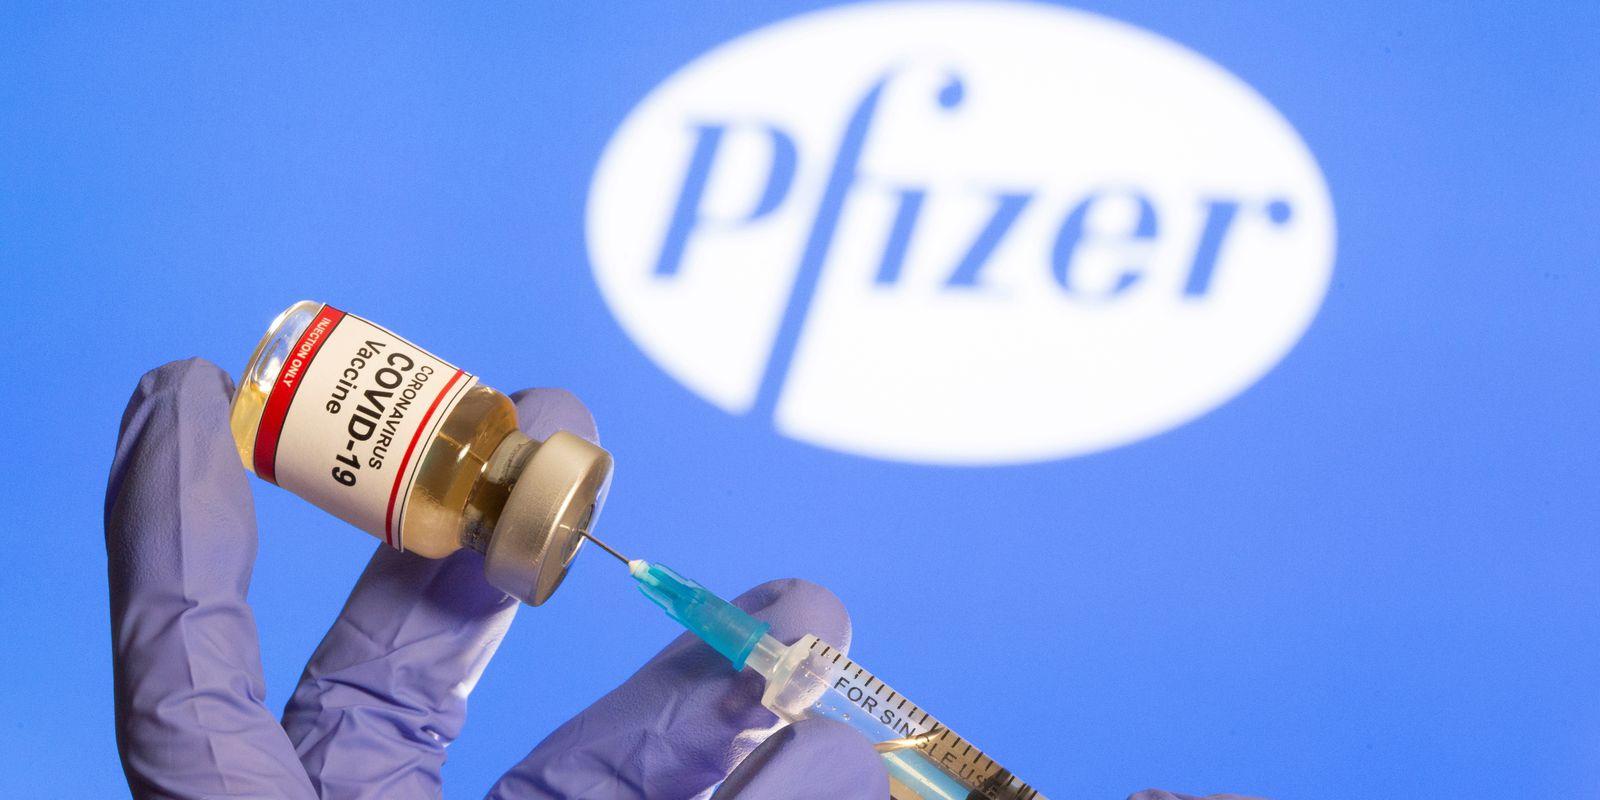 Brasil recebe hoje primeiro lote de vacinas da Pfizer | Agência Brasil